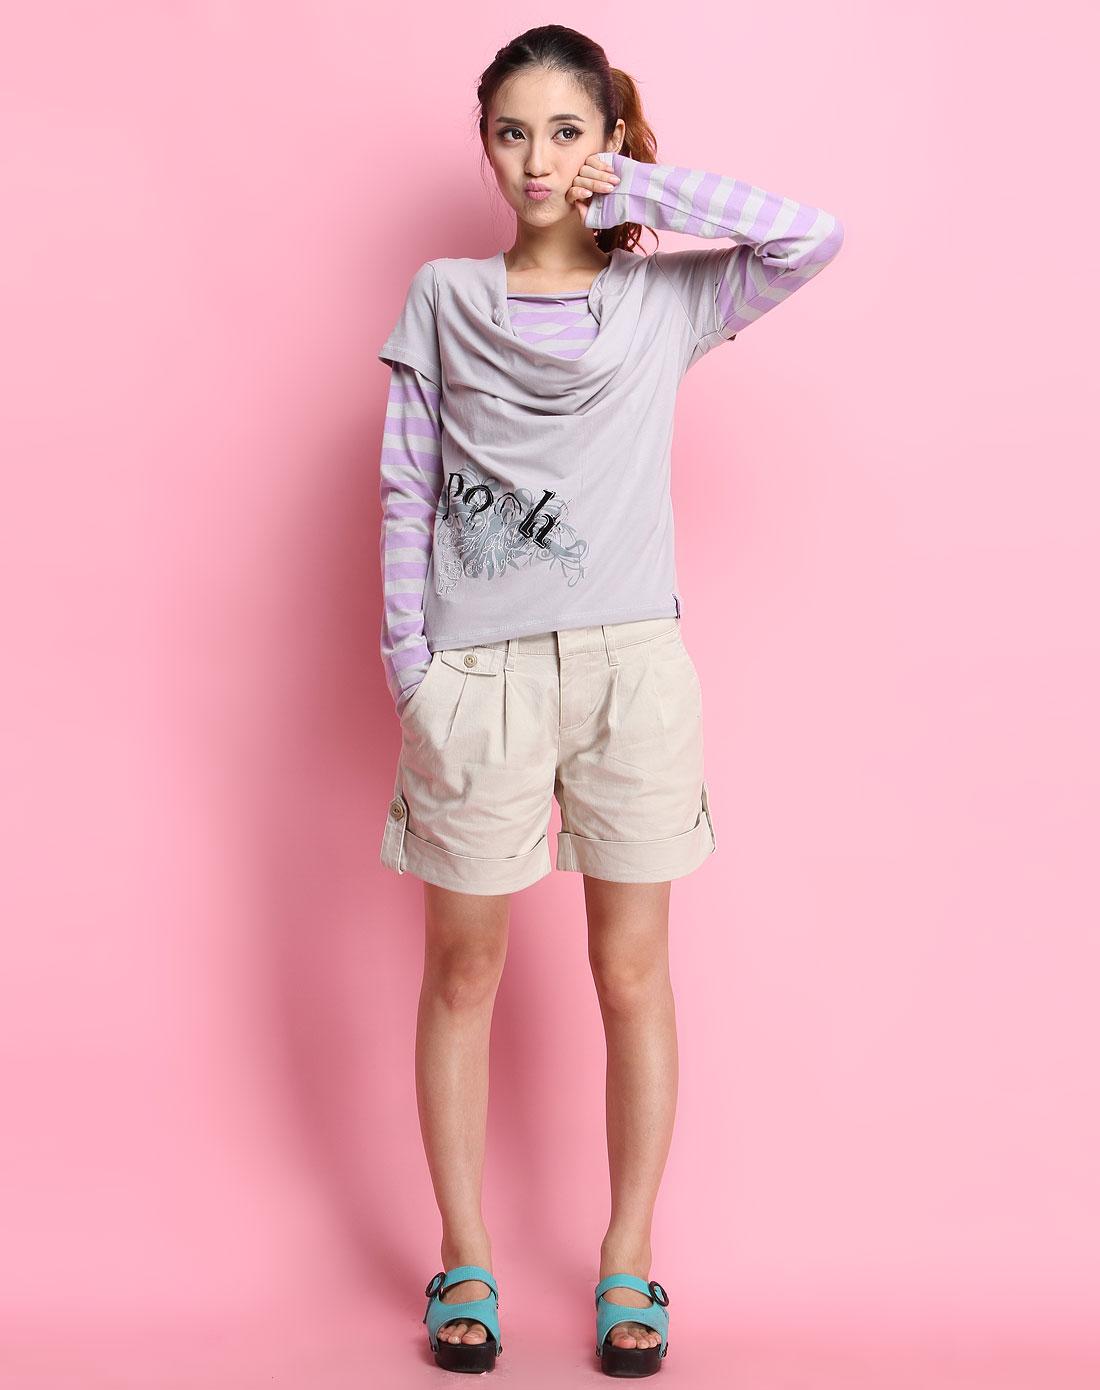 小熊维尼winnie the pooh灰/紫色横间假两件长袖针织